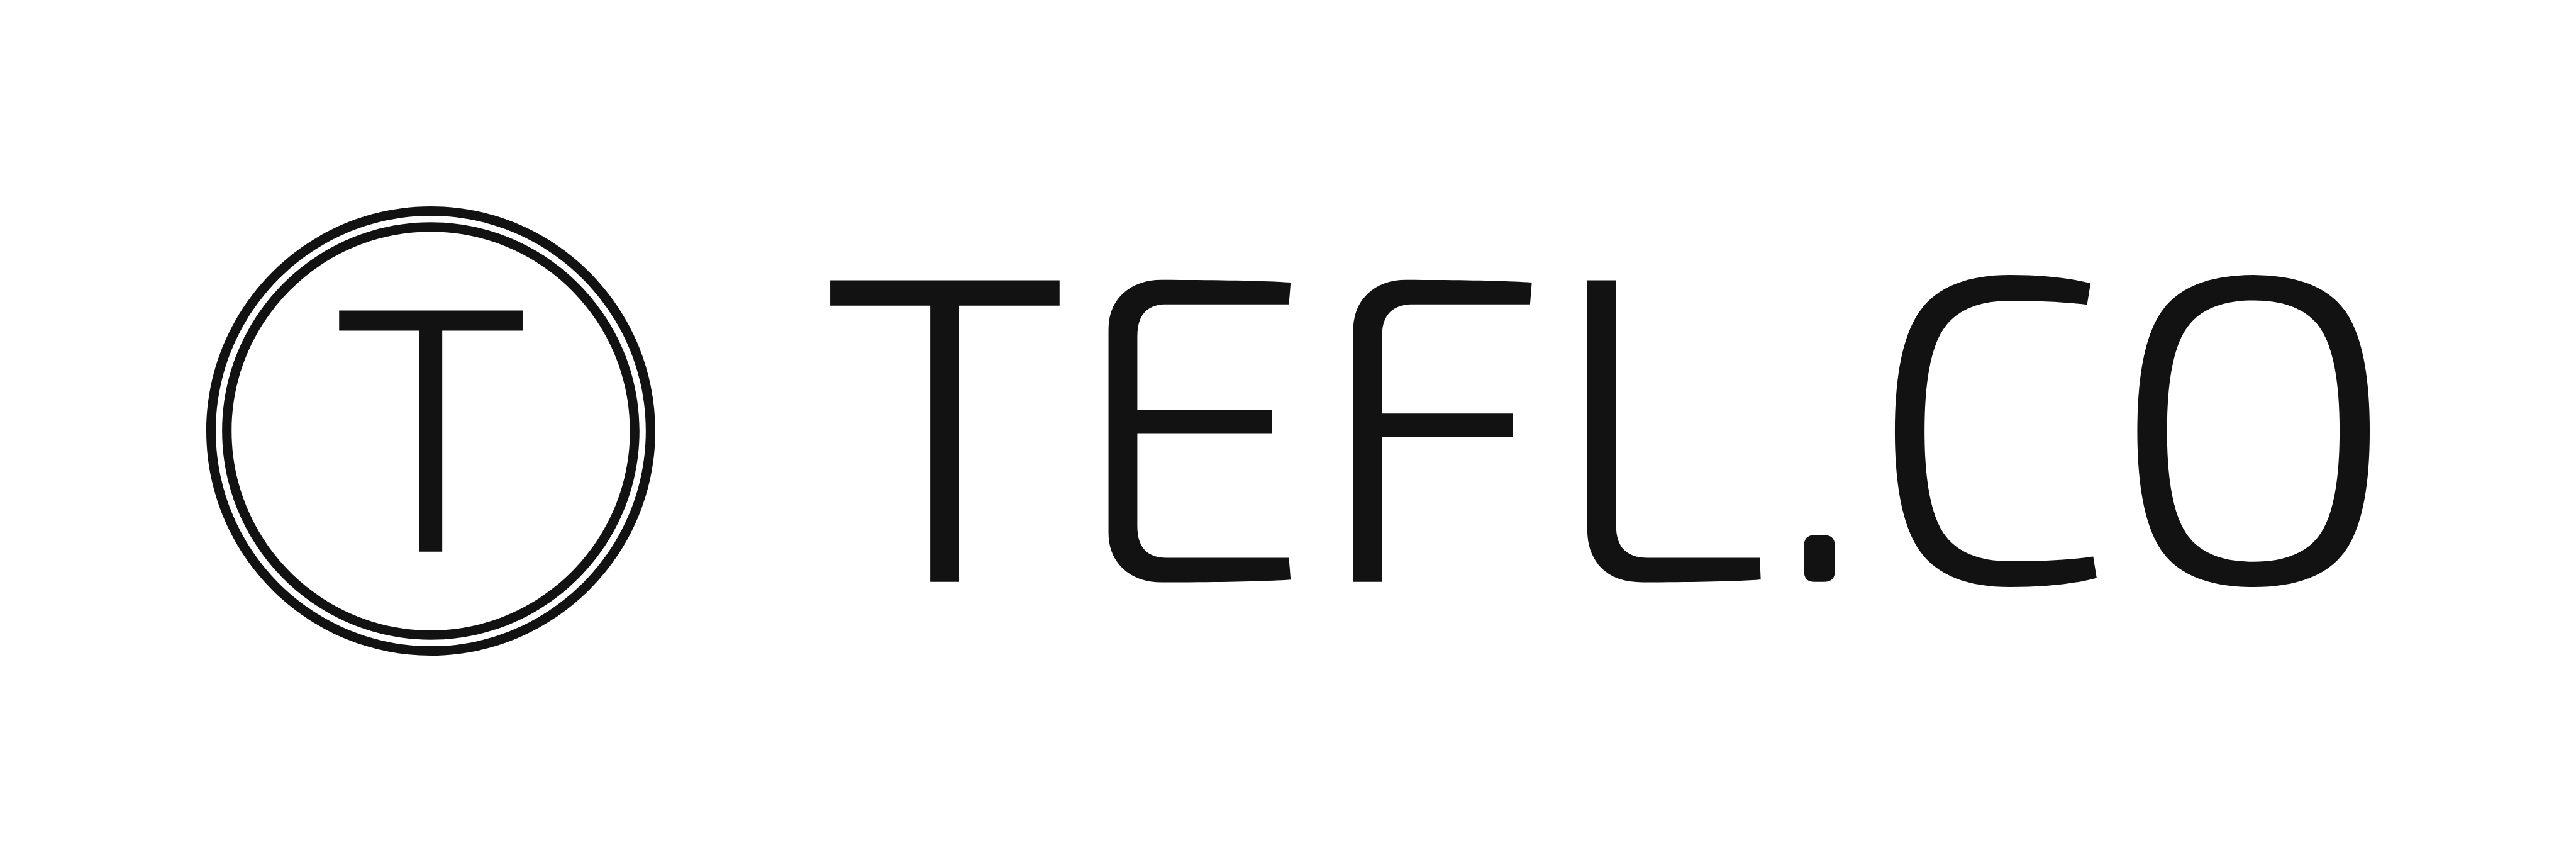 Tefl.co.za